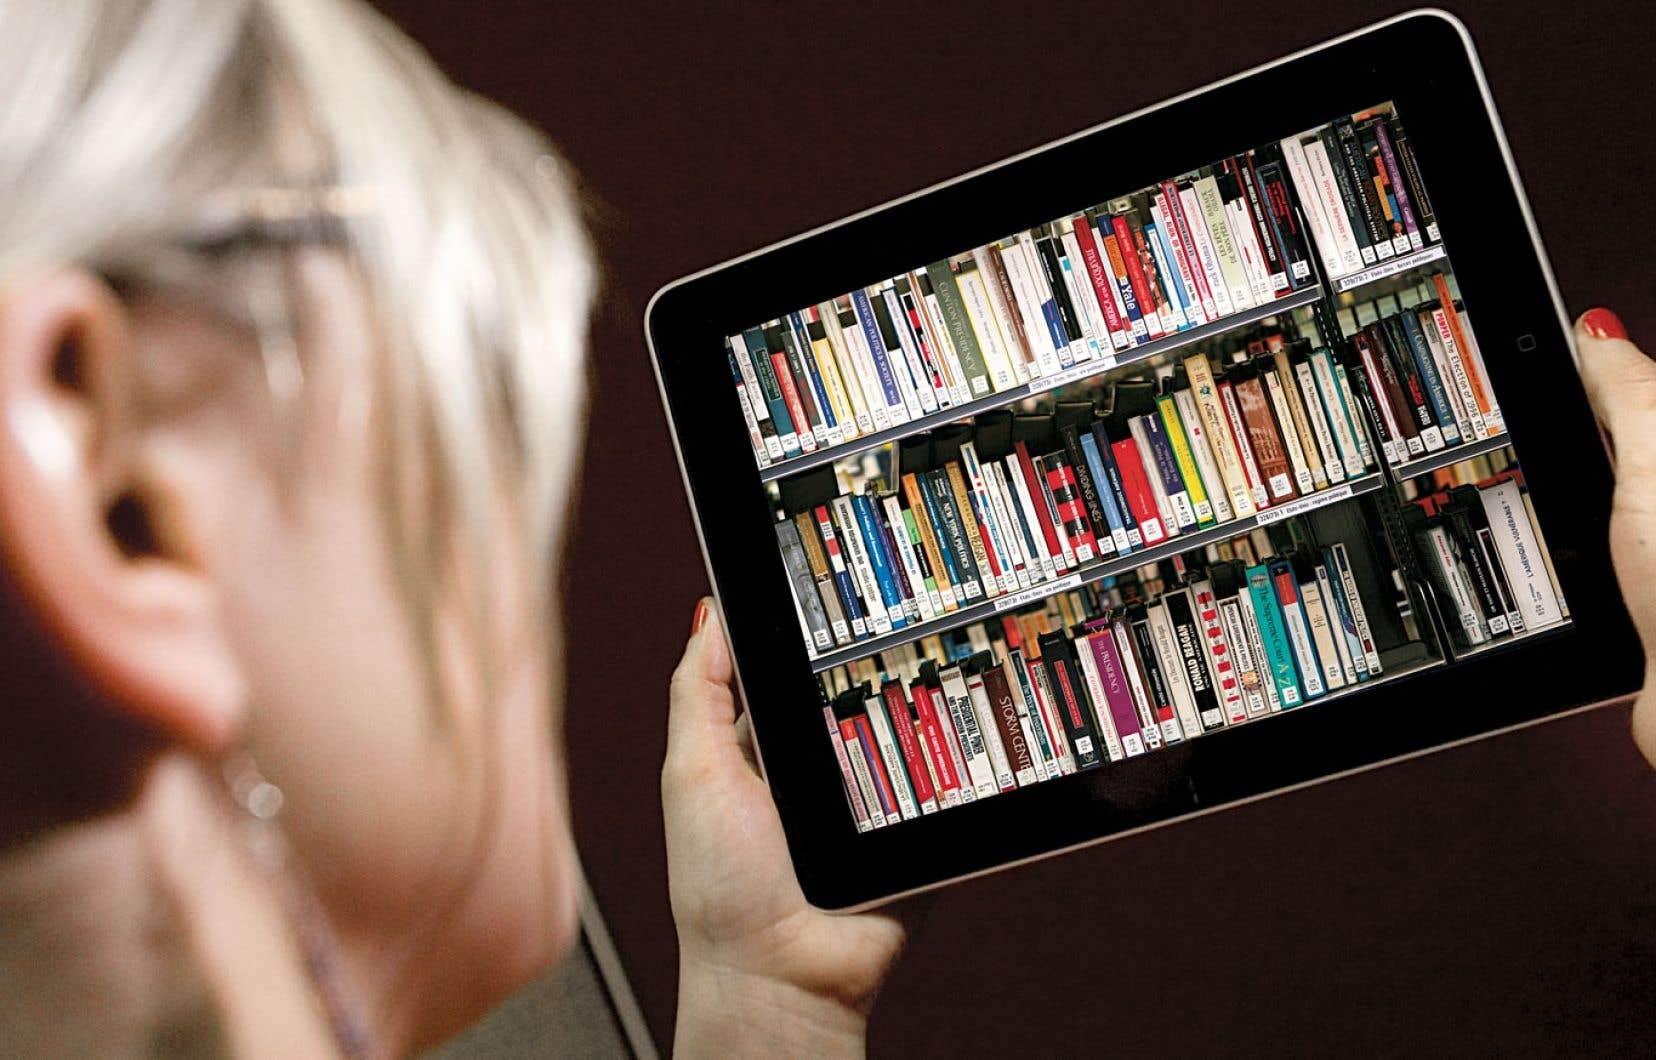 Le nouveau folklore numériquedonne chaque jour naissance à des milliers de contes numériques.